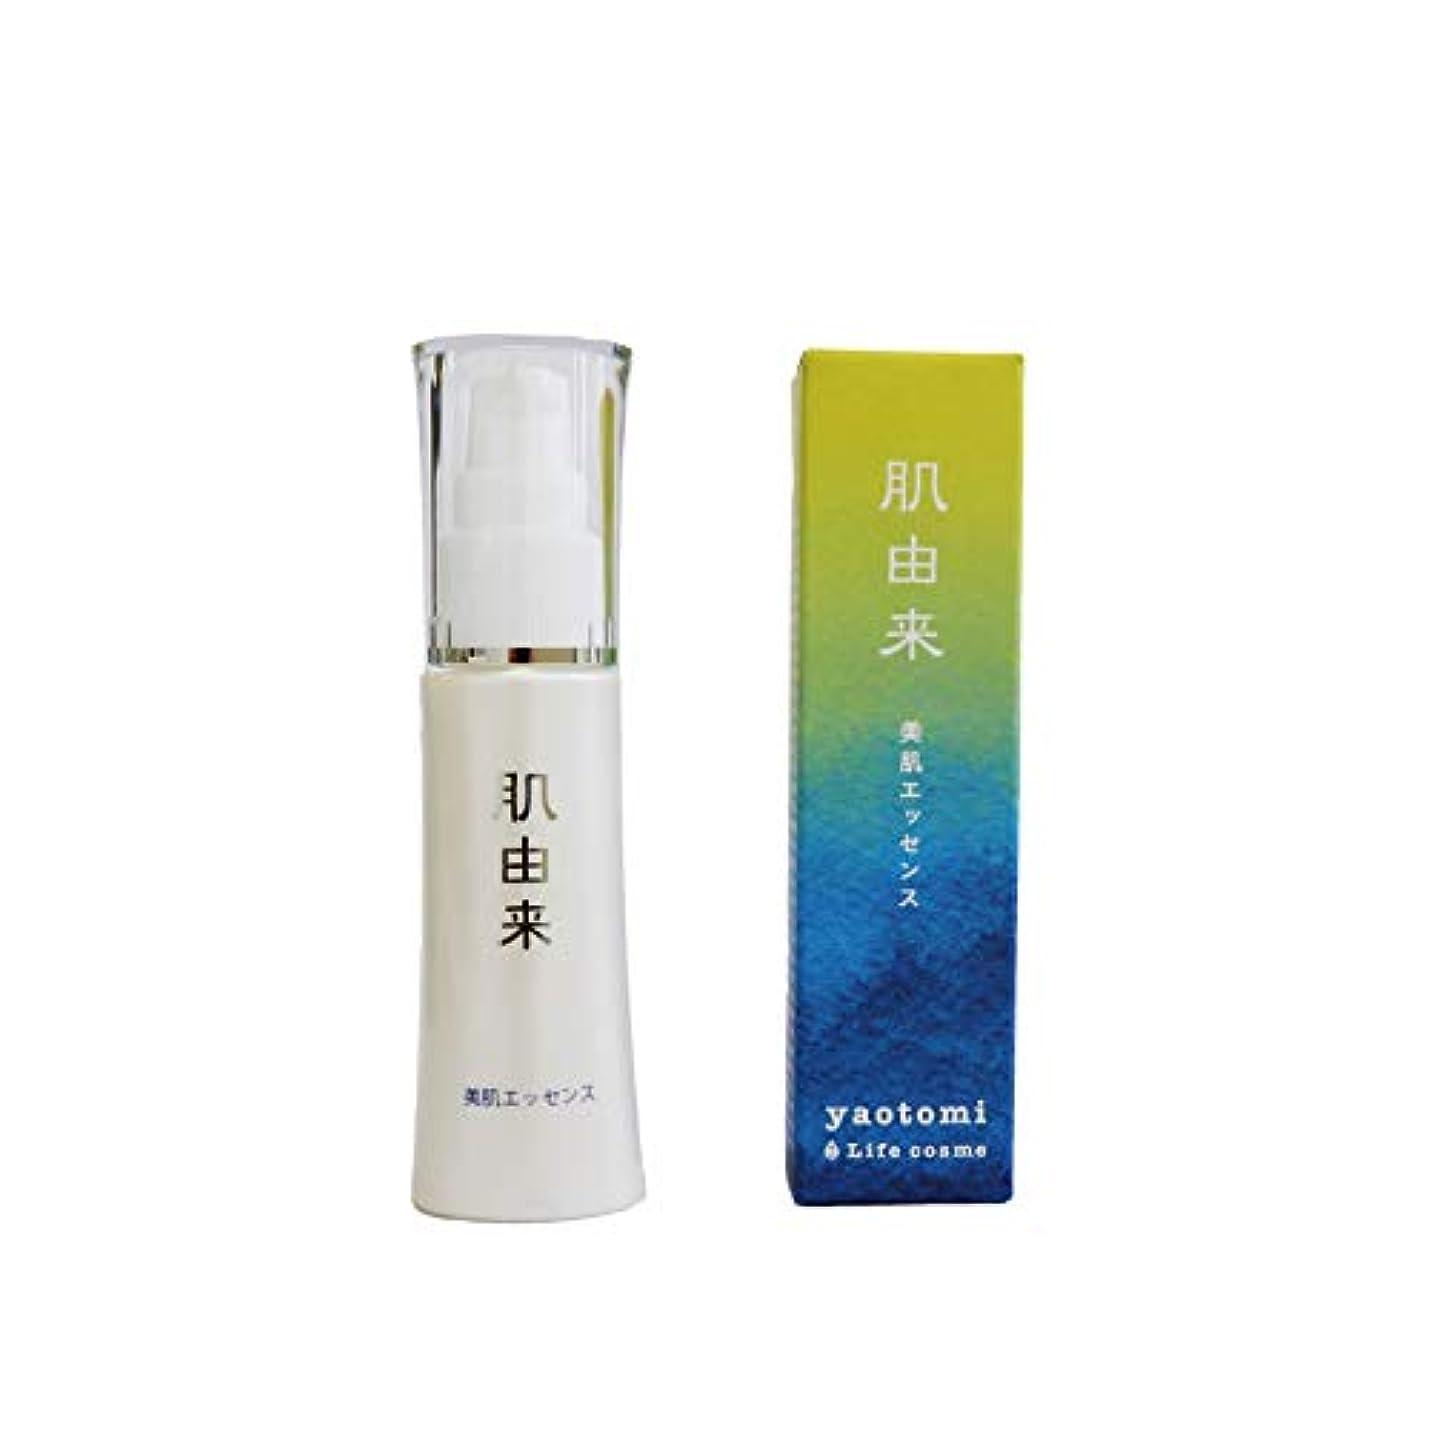 水銀の特徴づける隣接するヤオトミアットライフコスメ (yaotomi@Life cosme) 美肌エッセンスN 美容液 40ml